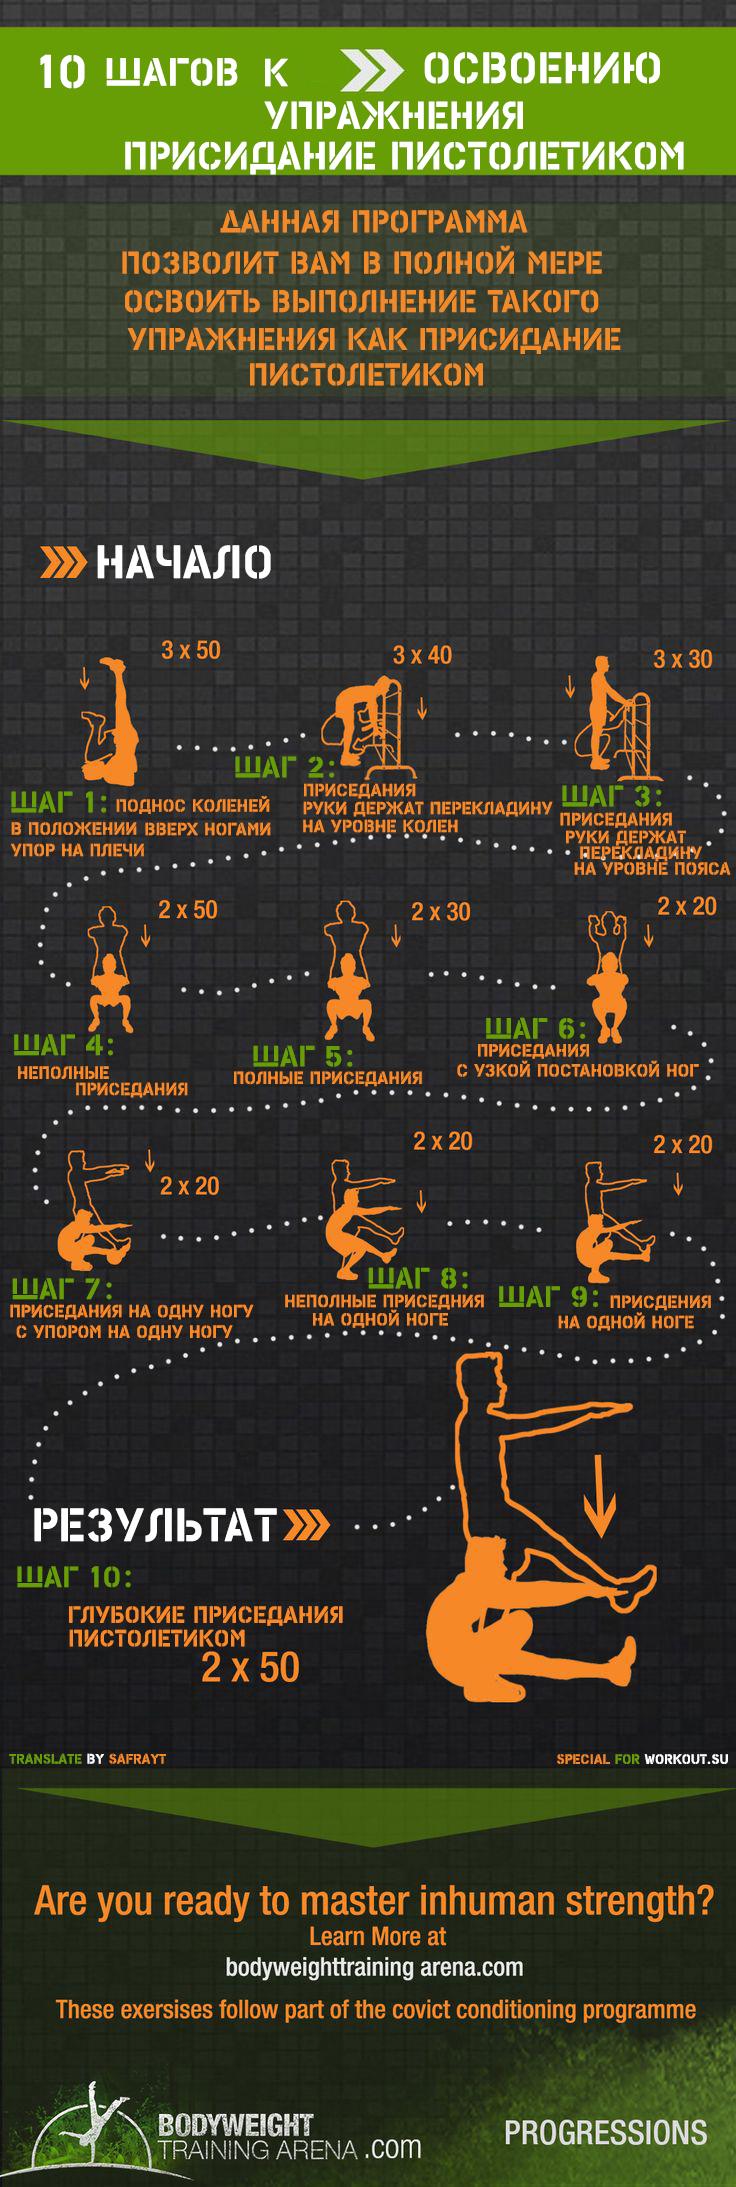 программы тренировок с гантелями для похудения